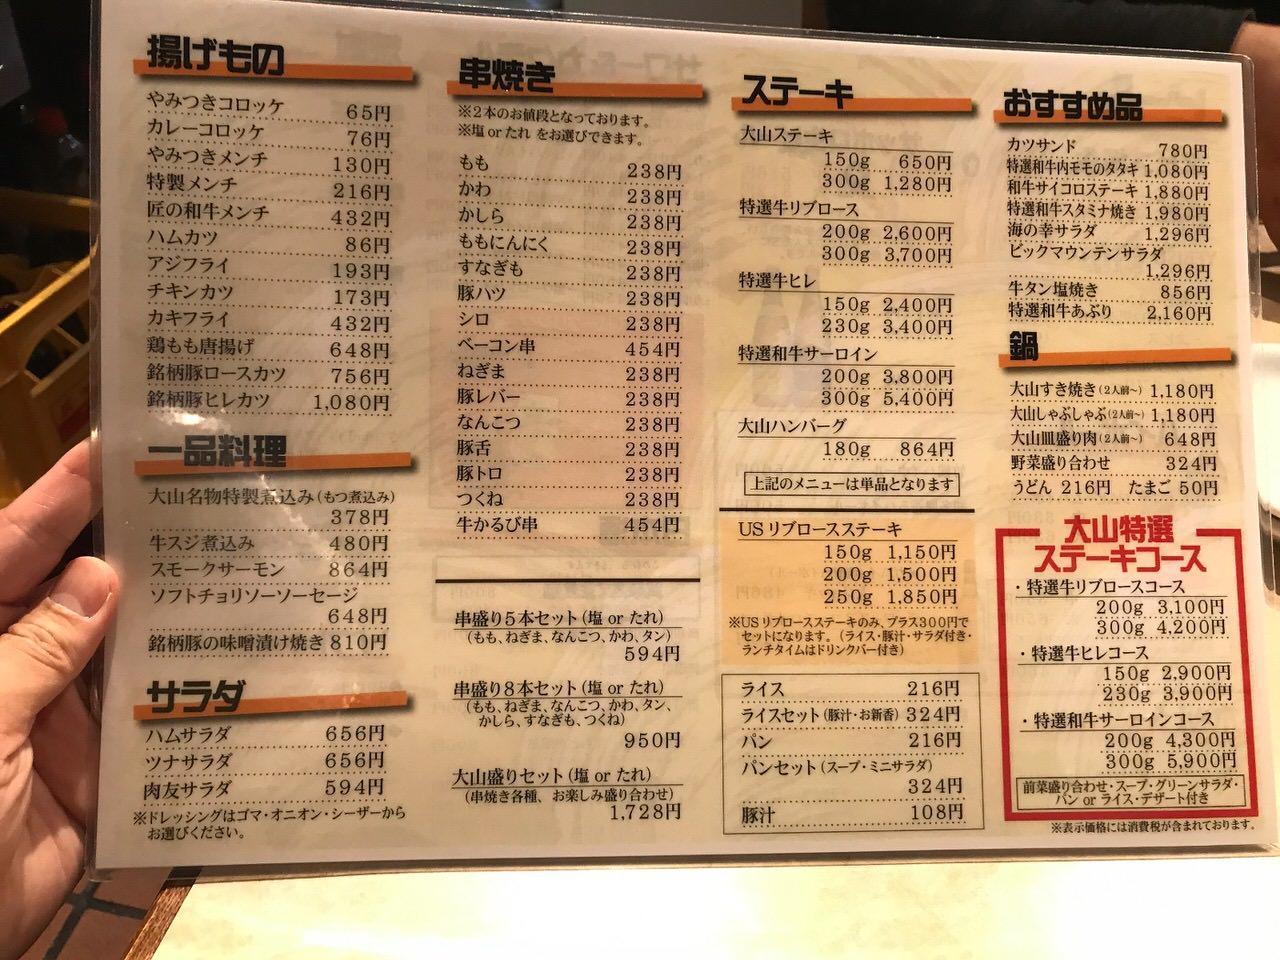 Ooyama 0109170443